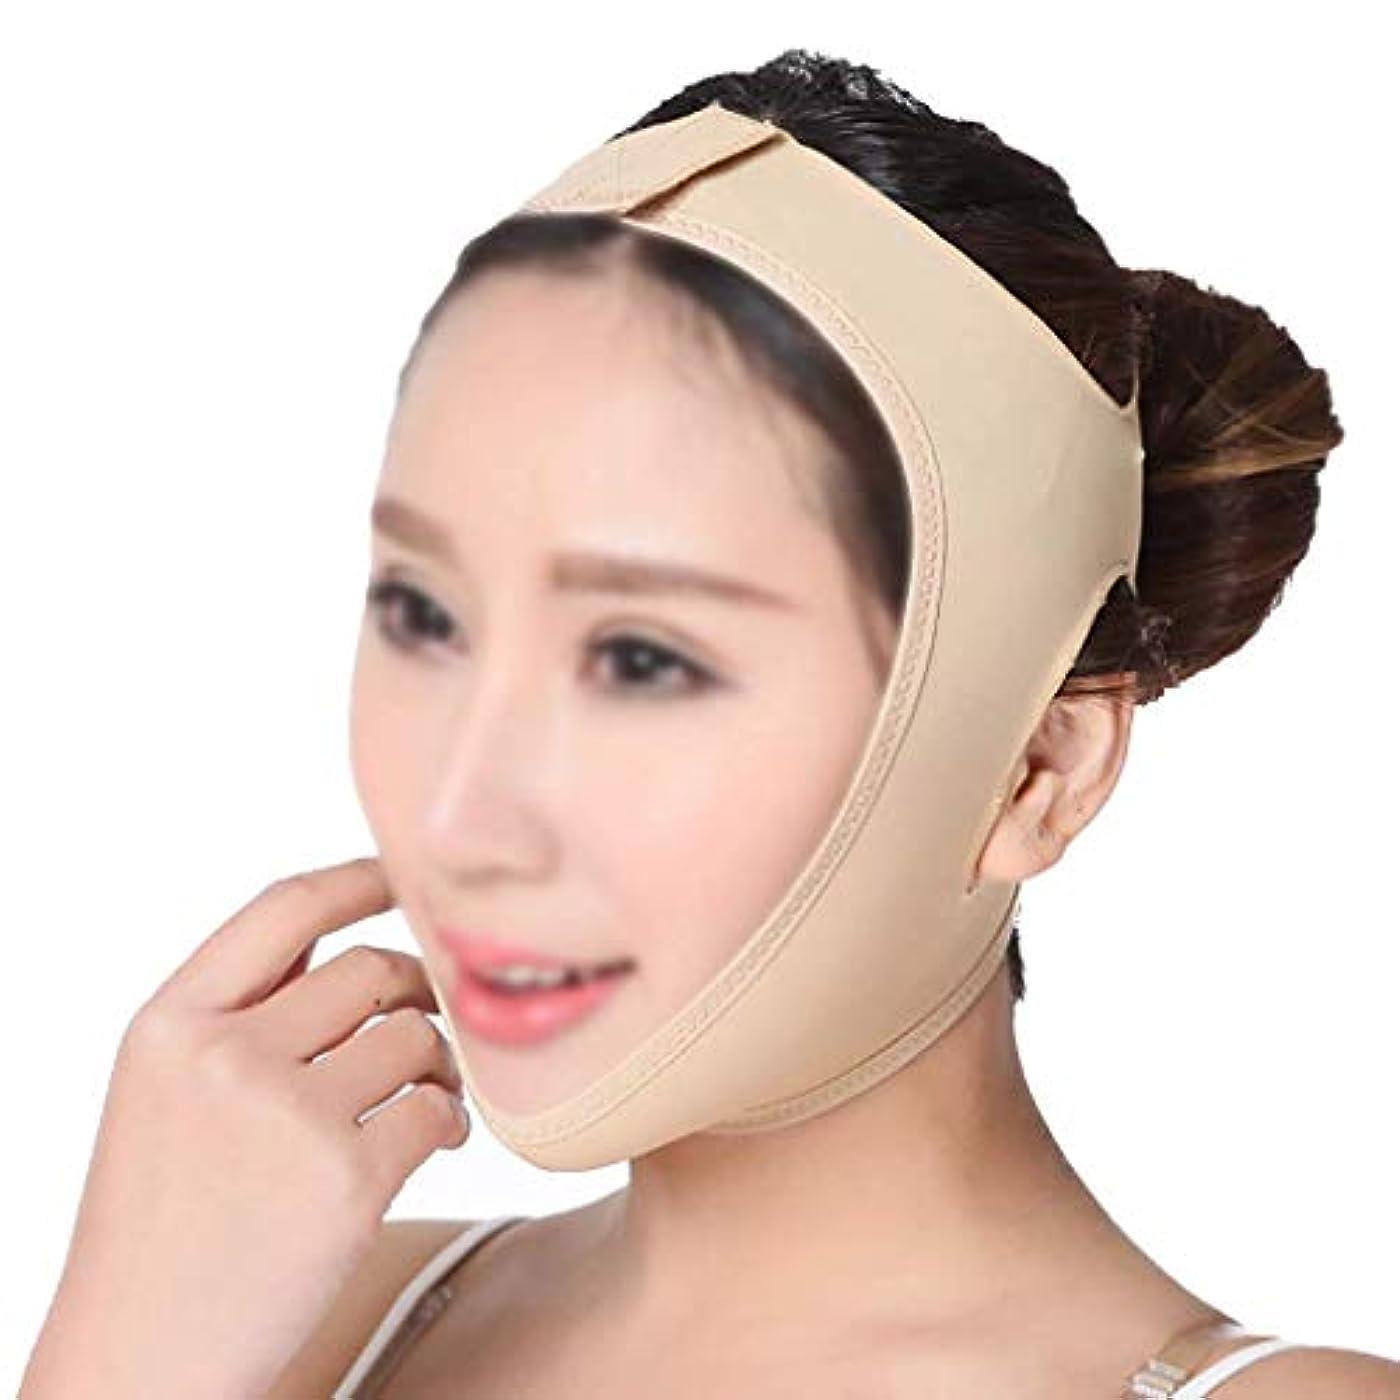 十分爵カウボーイフェイスリフティングマスク、リフティングチン、フェイシャルスキン、頬垂れ防止、快適で 生地、詰まることを拒否、着用が簡単(サイズ:M),Xl